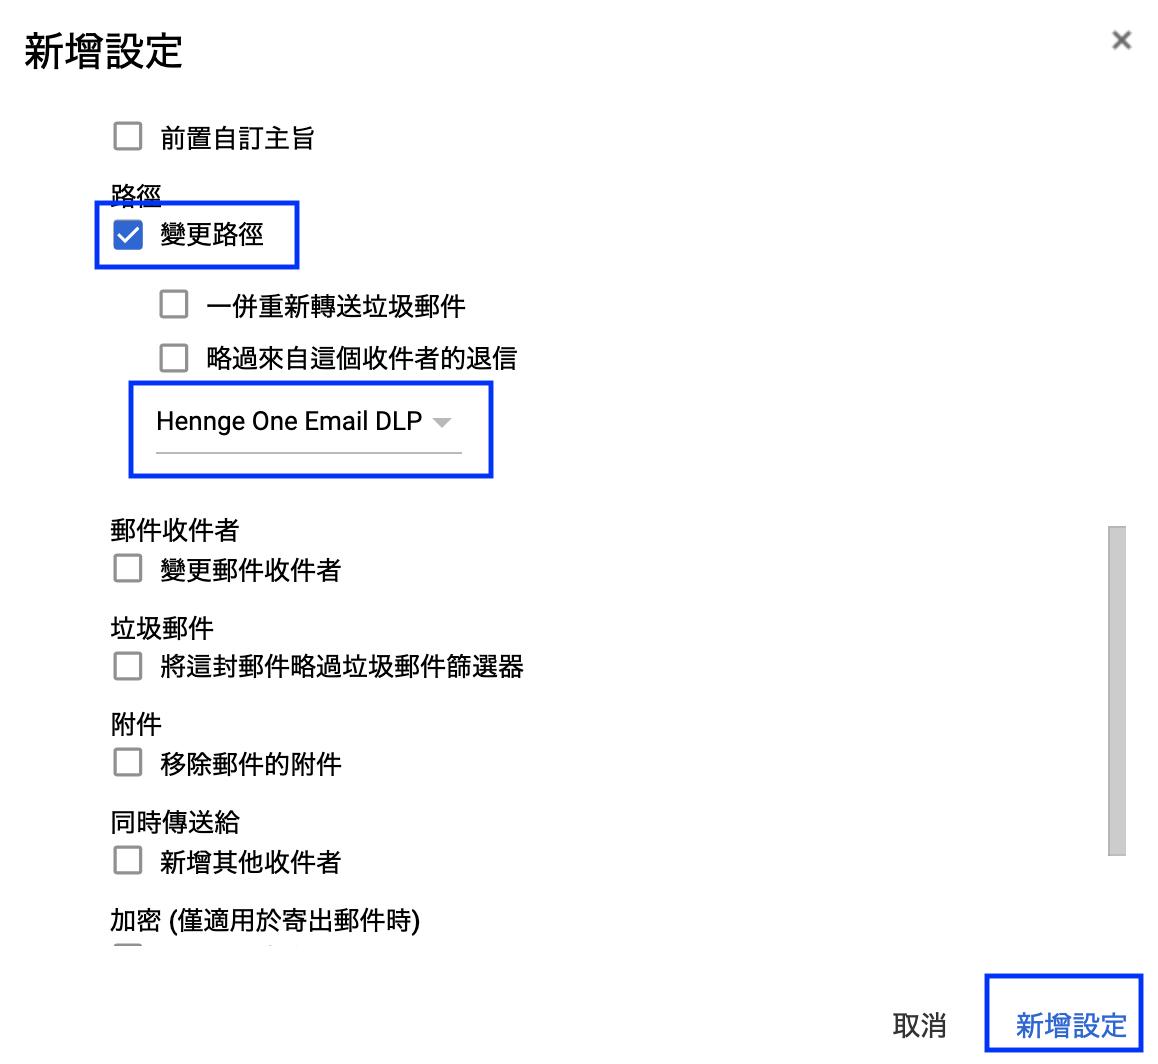 Screen_Shot_2020-04-02_at_16.25.11.png